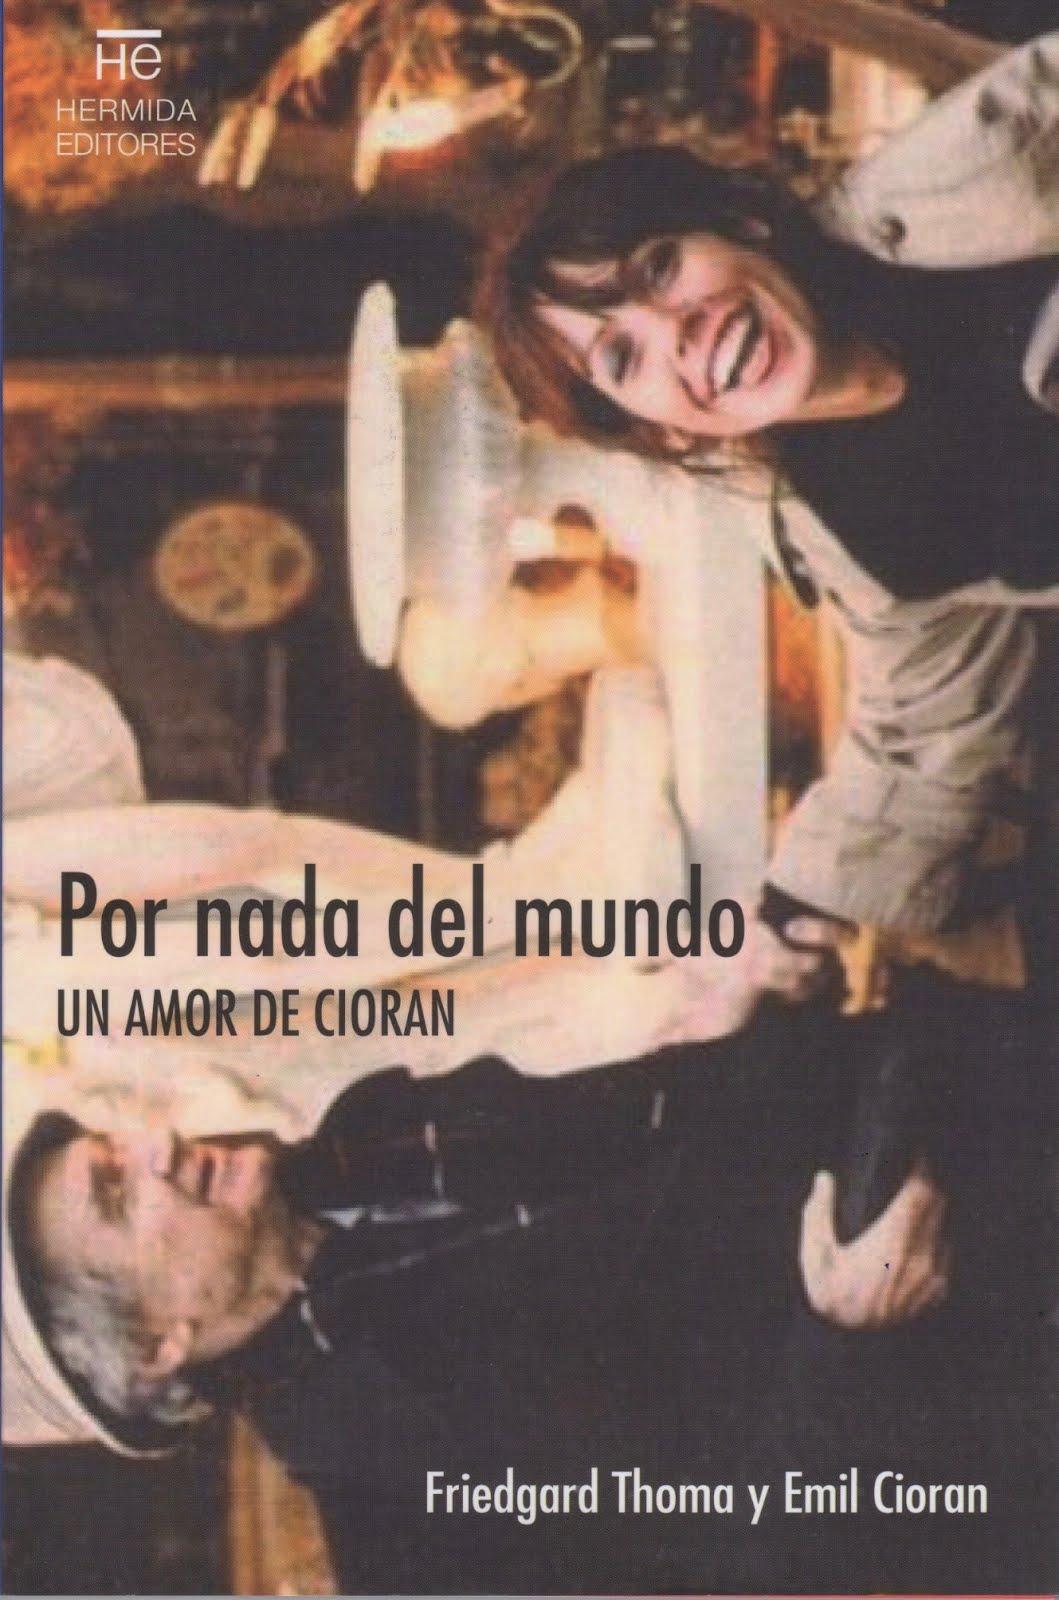 Friedgard Thoma y Emil Cioran (Por nada del mundo) Un amor de Cioran